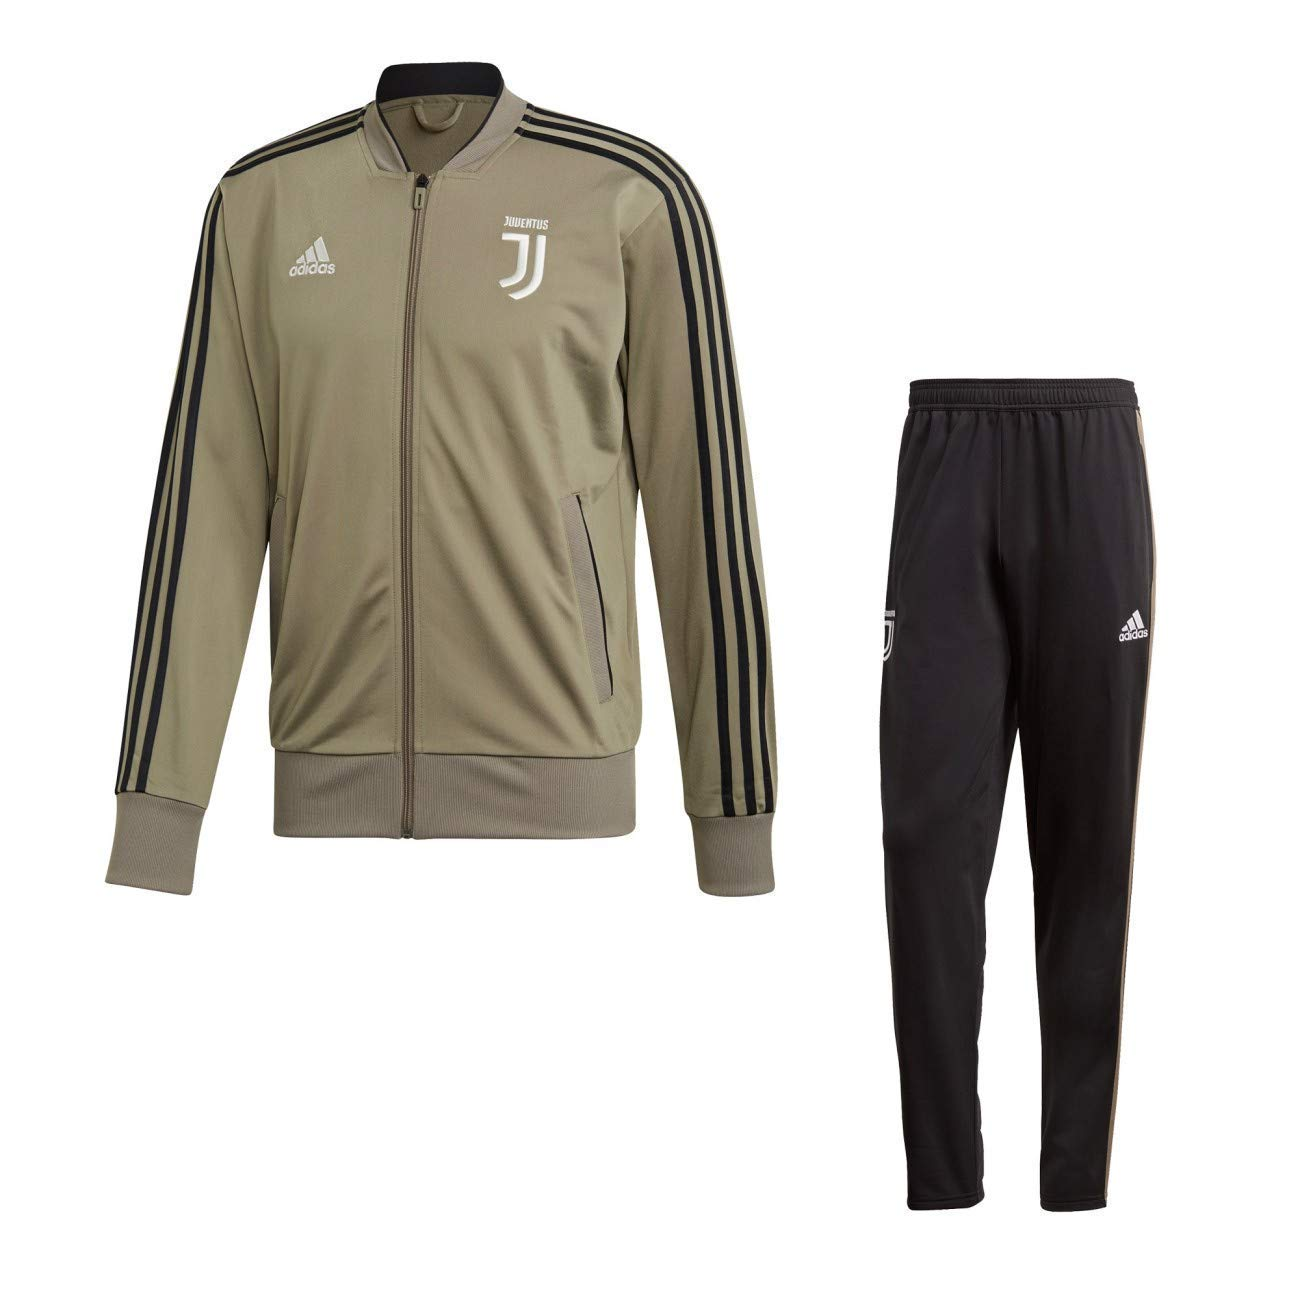 Juventus Tuta Allenamento Beige 2018 2019 Adidas Juventus FC -Adidas